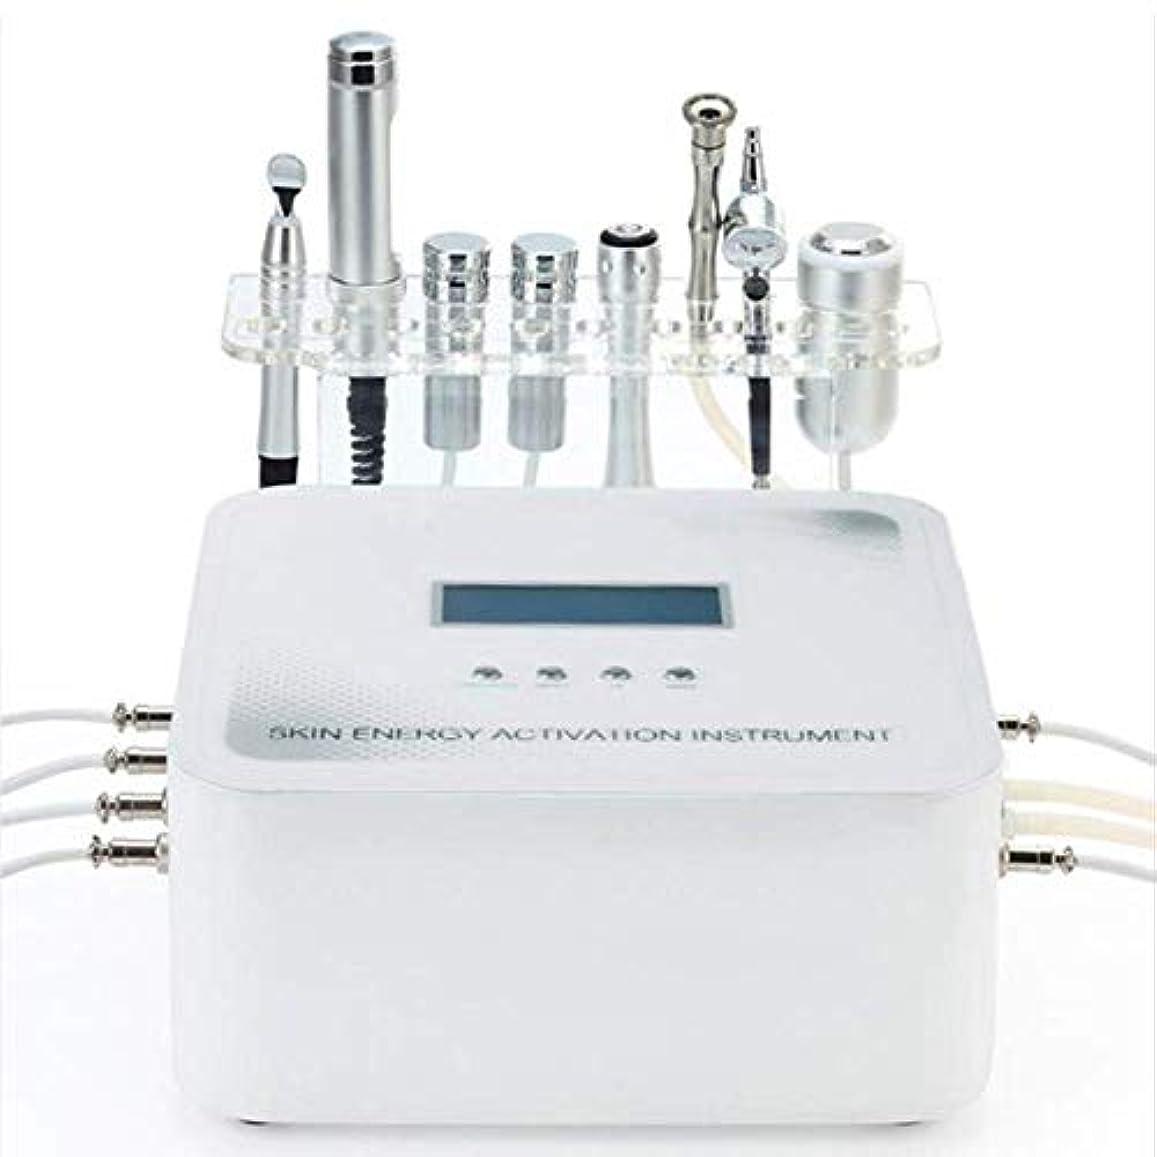 丈夫誘導ドライ多機能両極マイクロ電気Rf美容機器、美容室の家族の使用に適した純粋な酸素肌の若返り楽器、150ワット110ボルト